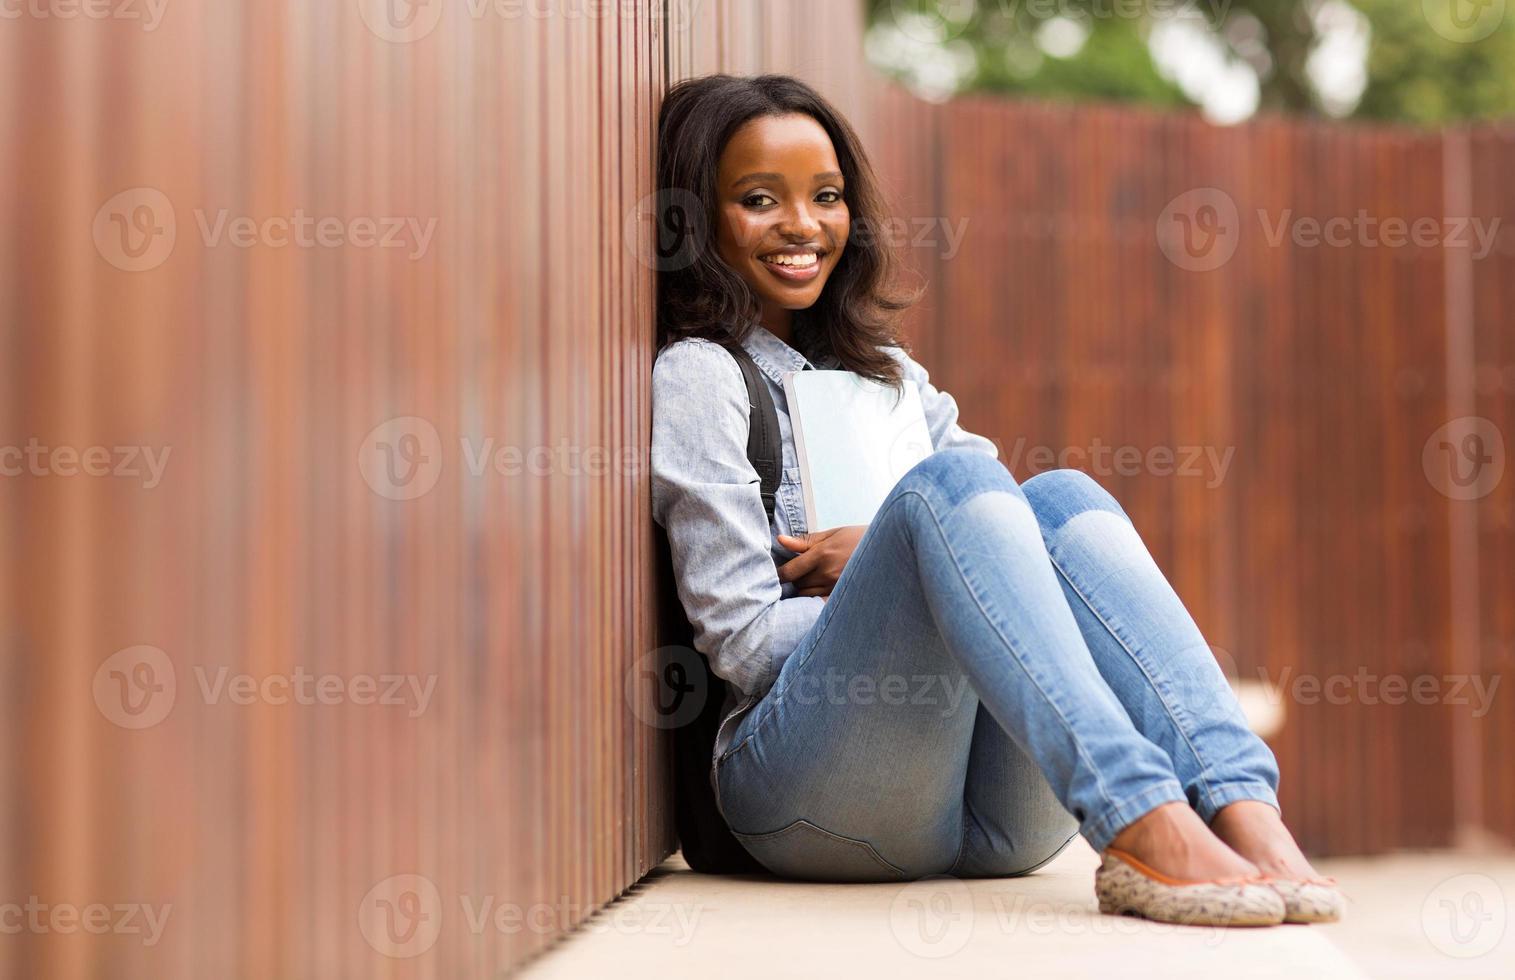 étudiante africaine assise sur le sol photo